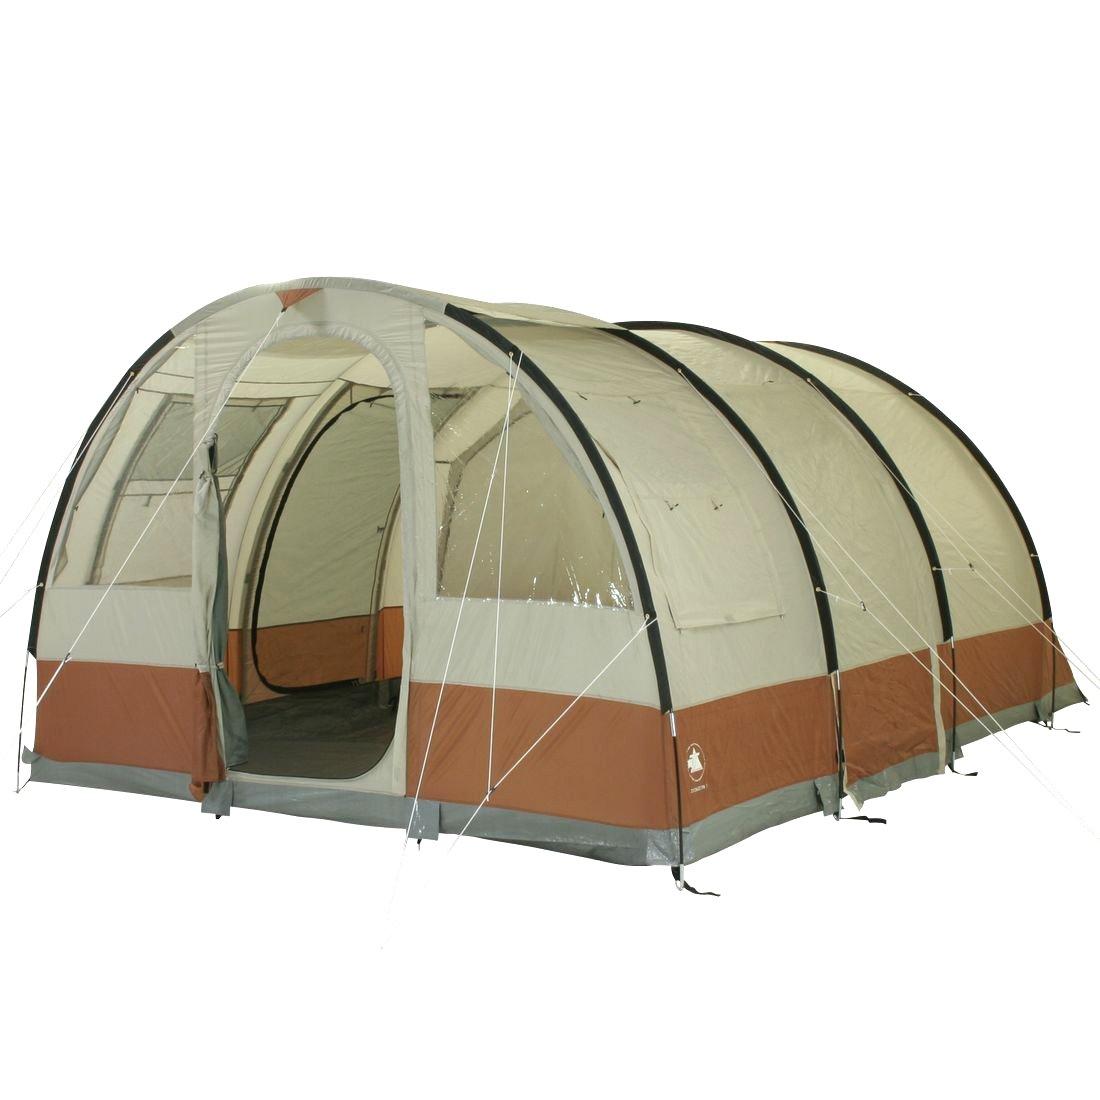 10T Camping-Zelt Livingston 5 Tunnelzelt mit Schlafkabine für 5 Personen Outdoor Familienzelt mit Wohnraum und Sonnendach Aufstellstangen, eingenähte Bodenwanne, wasserdicht mit 5000mm Wassersäule